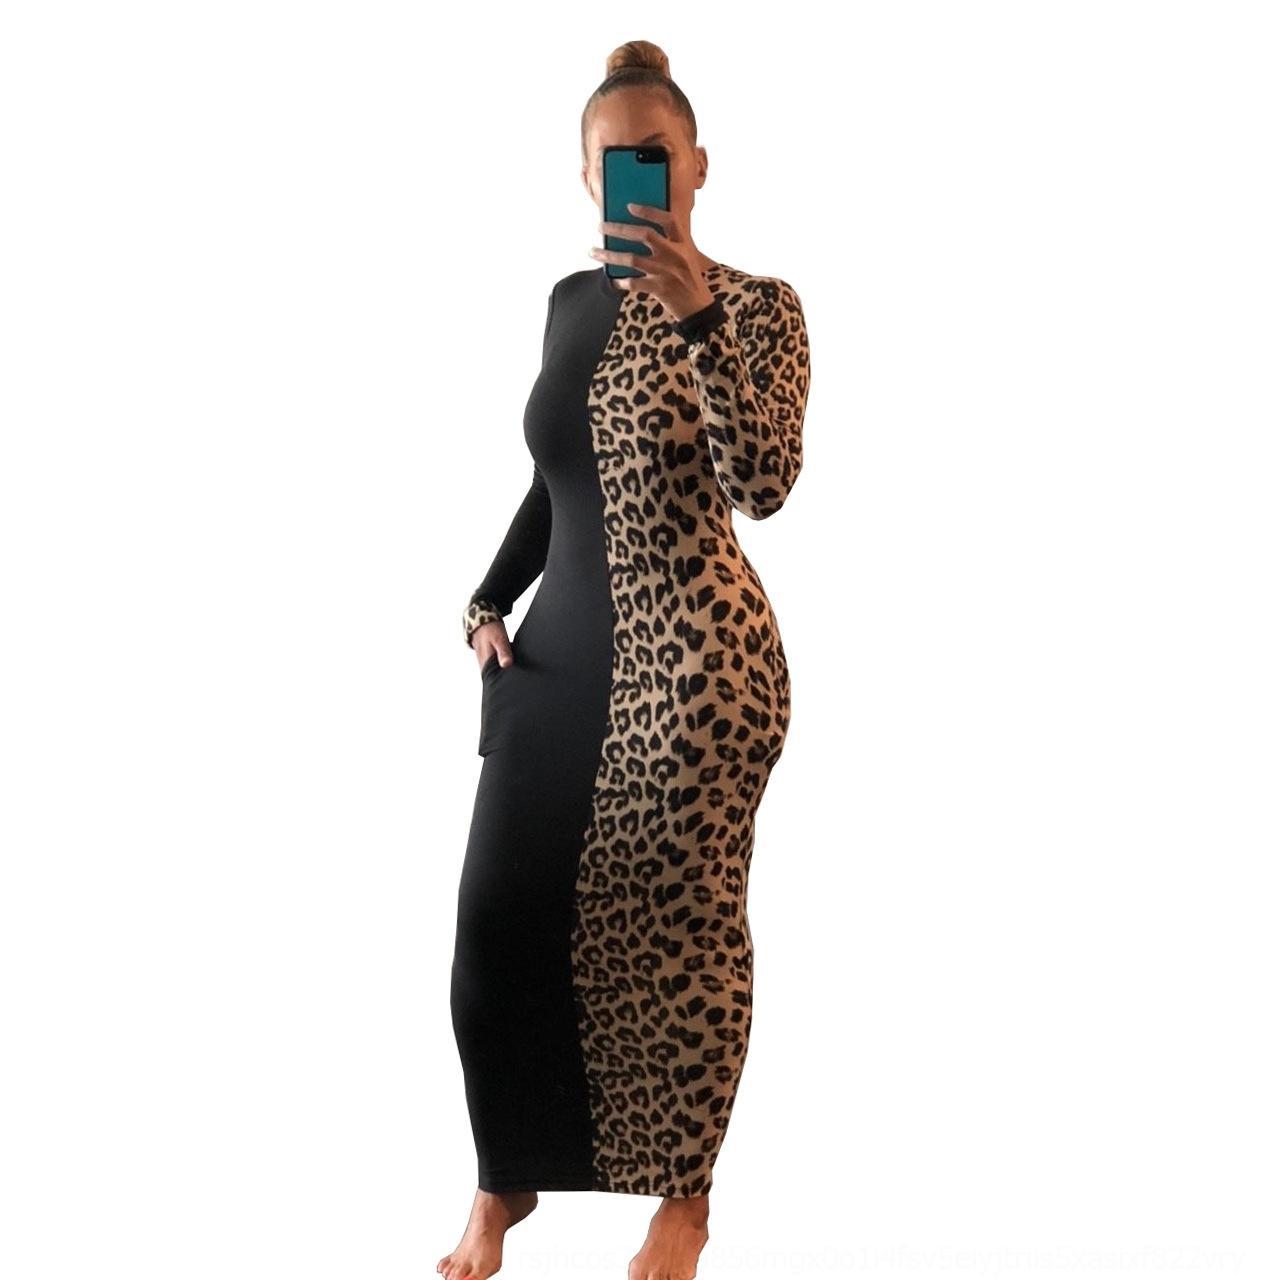 9oum sexy para mujer de gran tamaño de la manga larga con cremallera de manga larga con tejidos de punto suéter holgado casual túnica suelta camisa mini saltadores vestido juncte